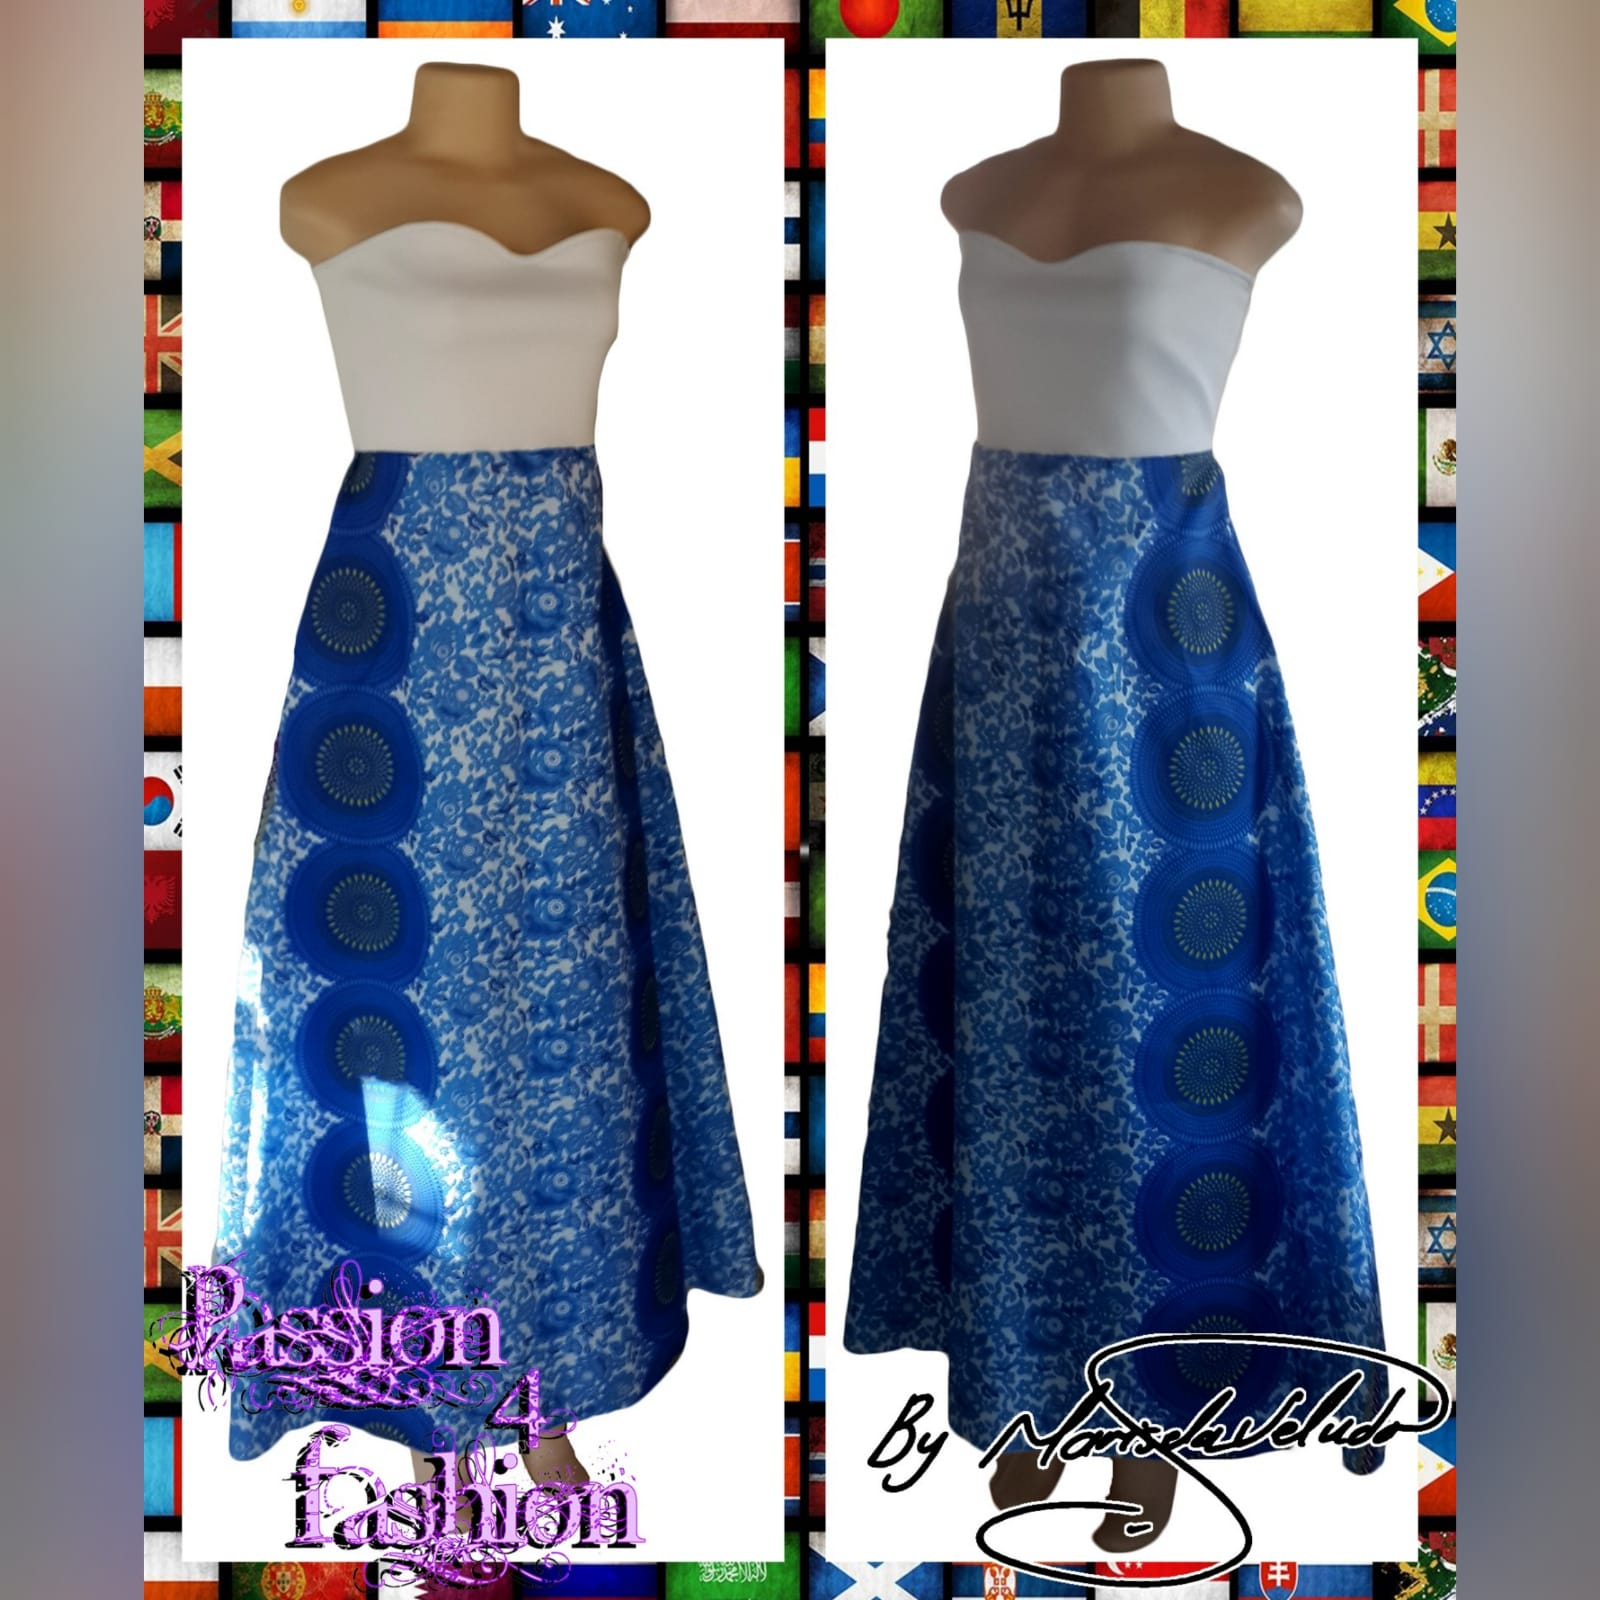 Vestido africano tradicional longo moderno 3 vestido africano tradicional longo moderno sul-africano azul e branco sem ombros com um corpete branco.